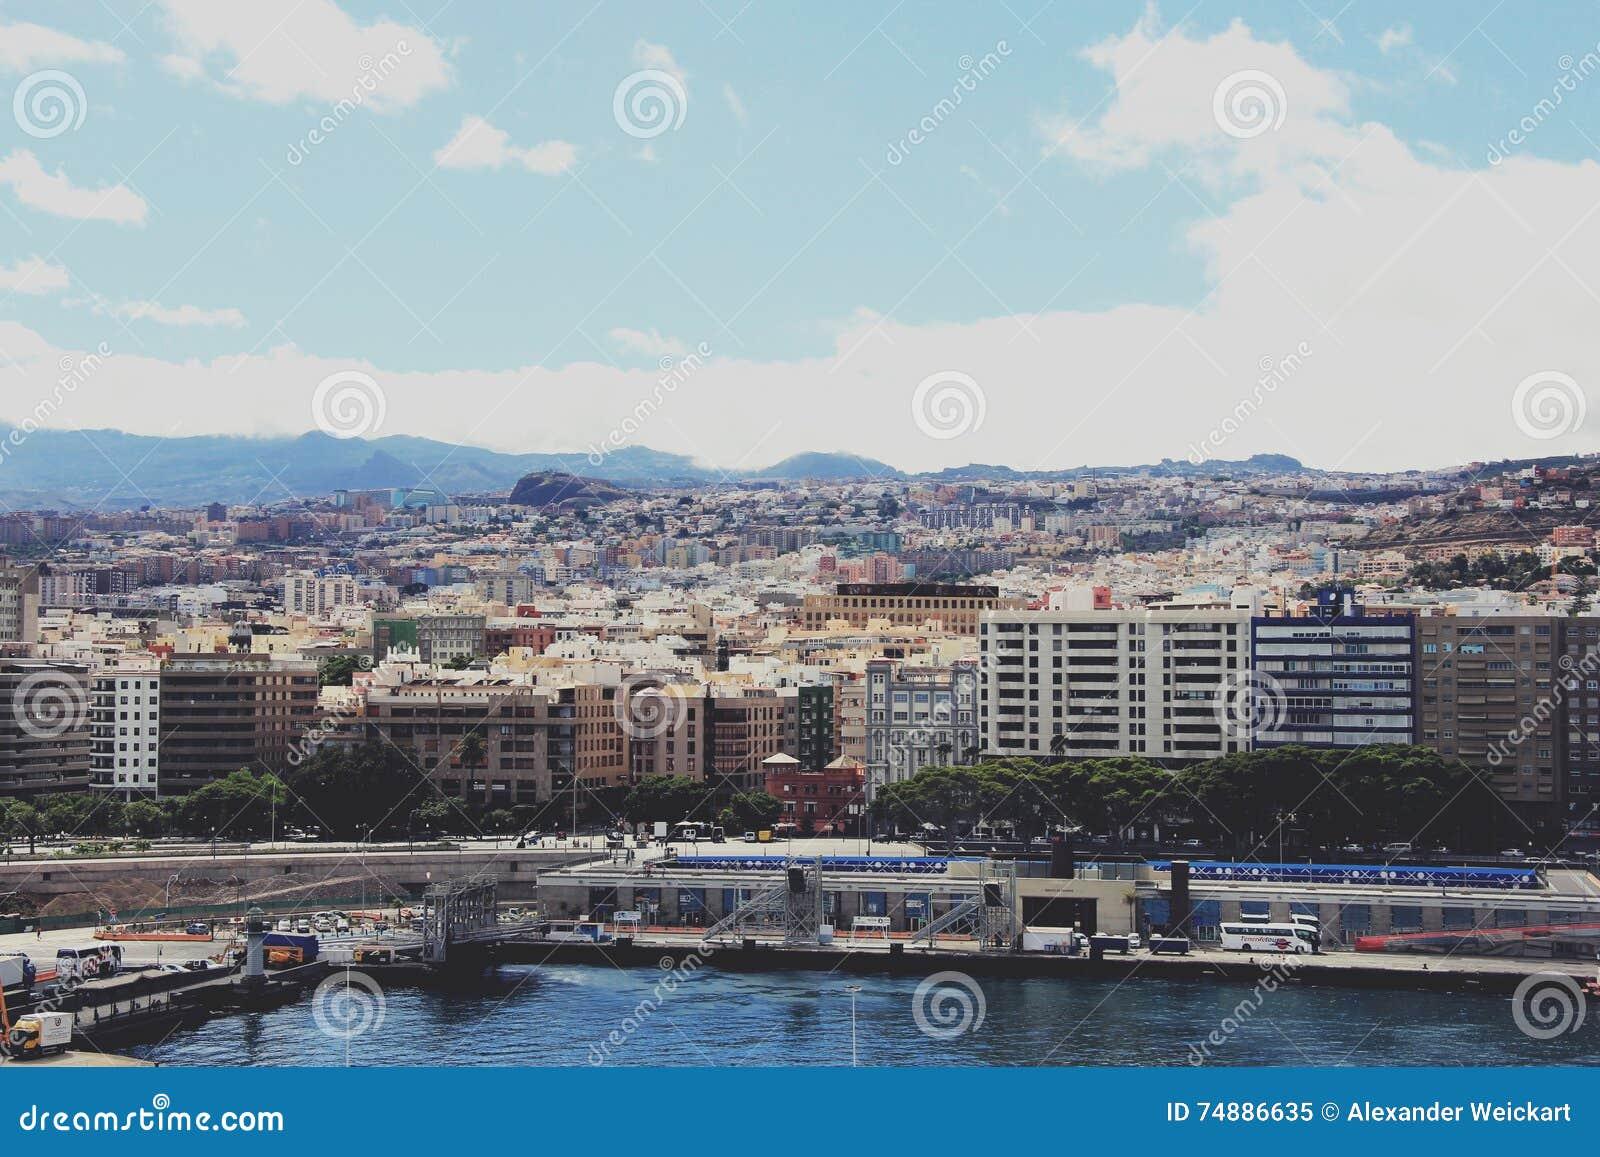 Vista em Santa Cruz de Tenerife do navio de cruzeiros - Ilhas Canárias, Espanha